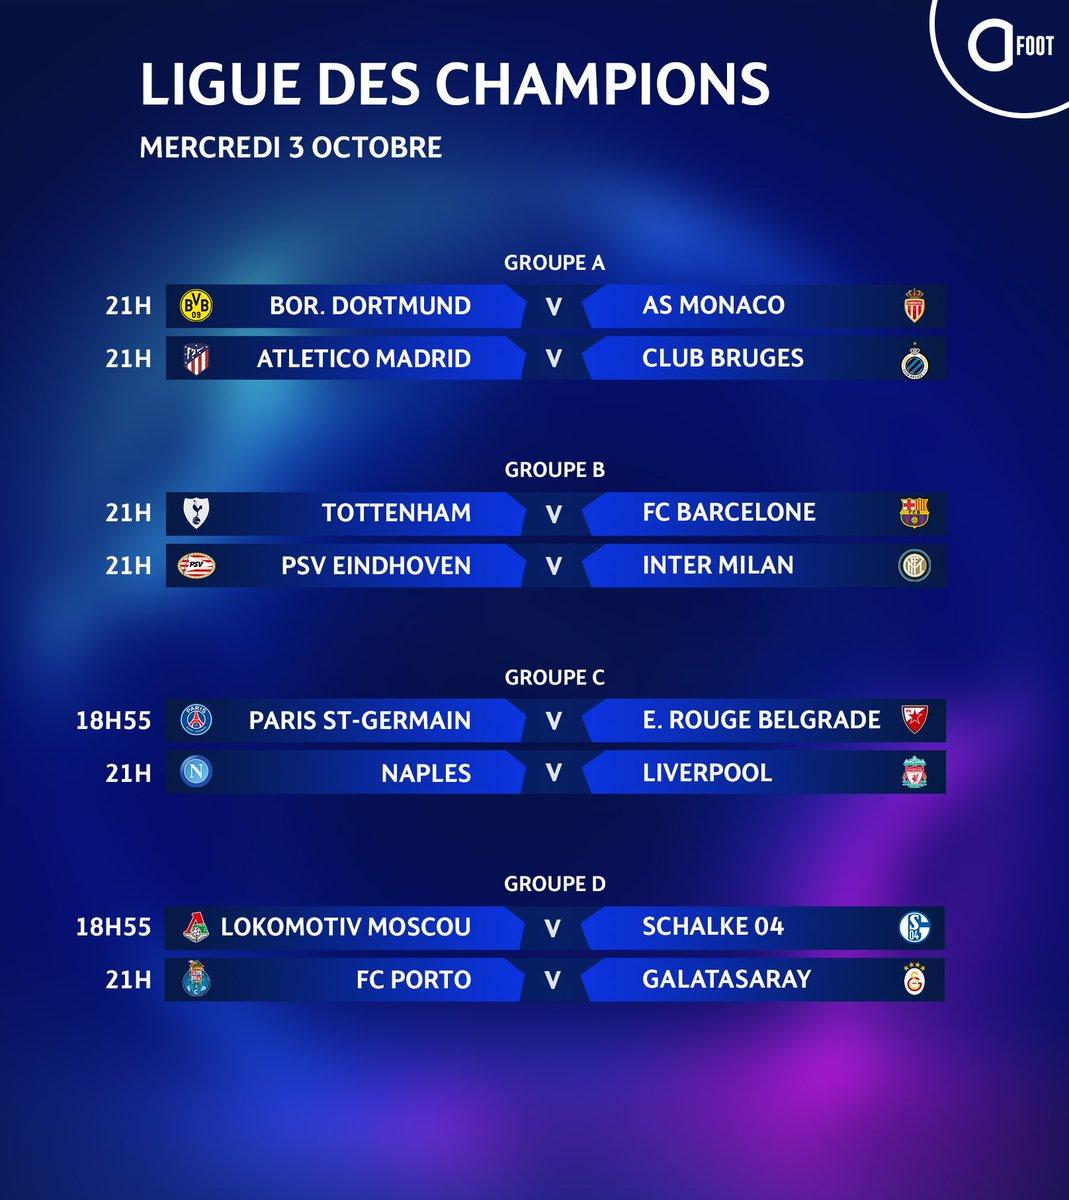 2éme journée de la Ligue des champions : Voici le programme du jour